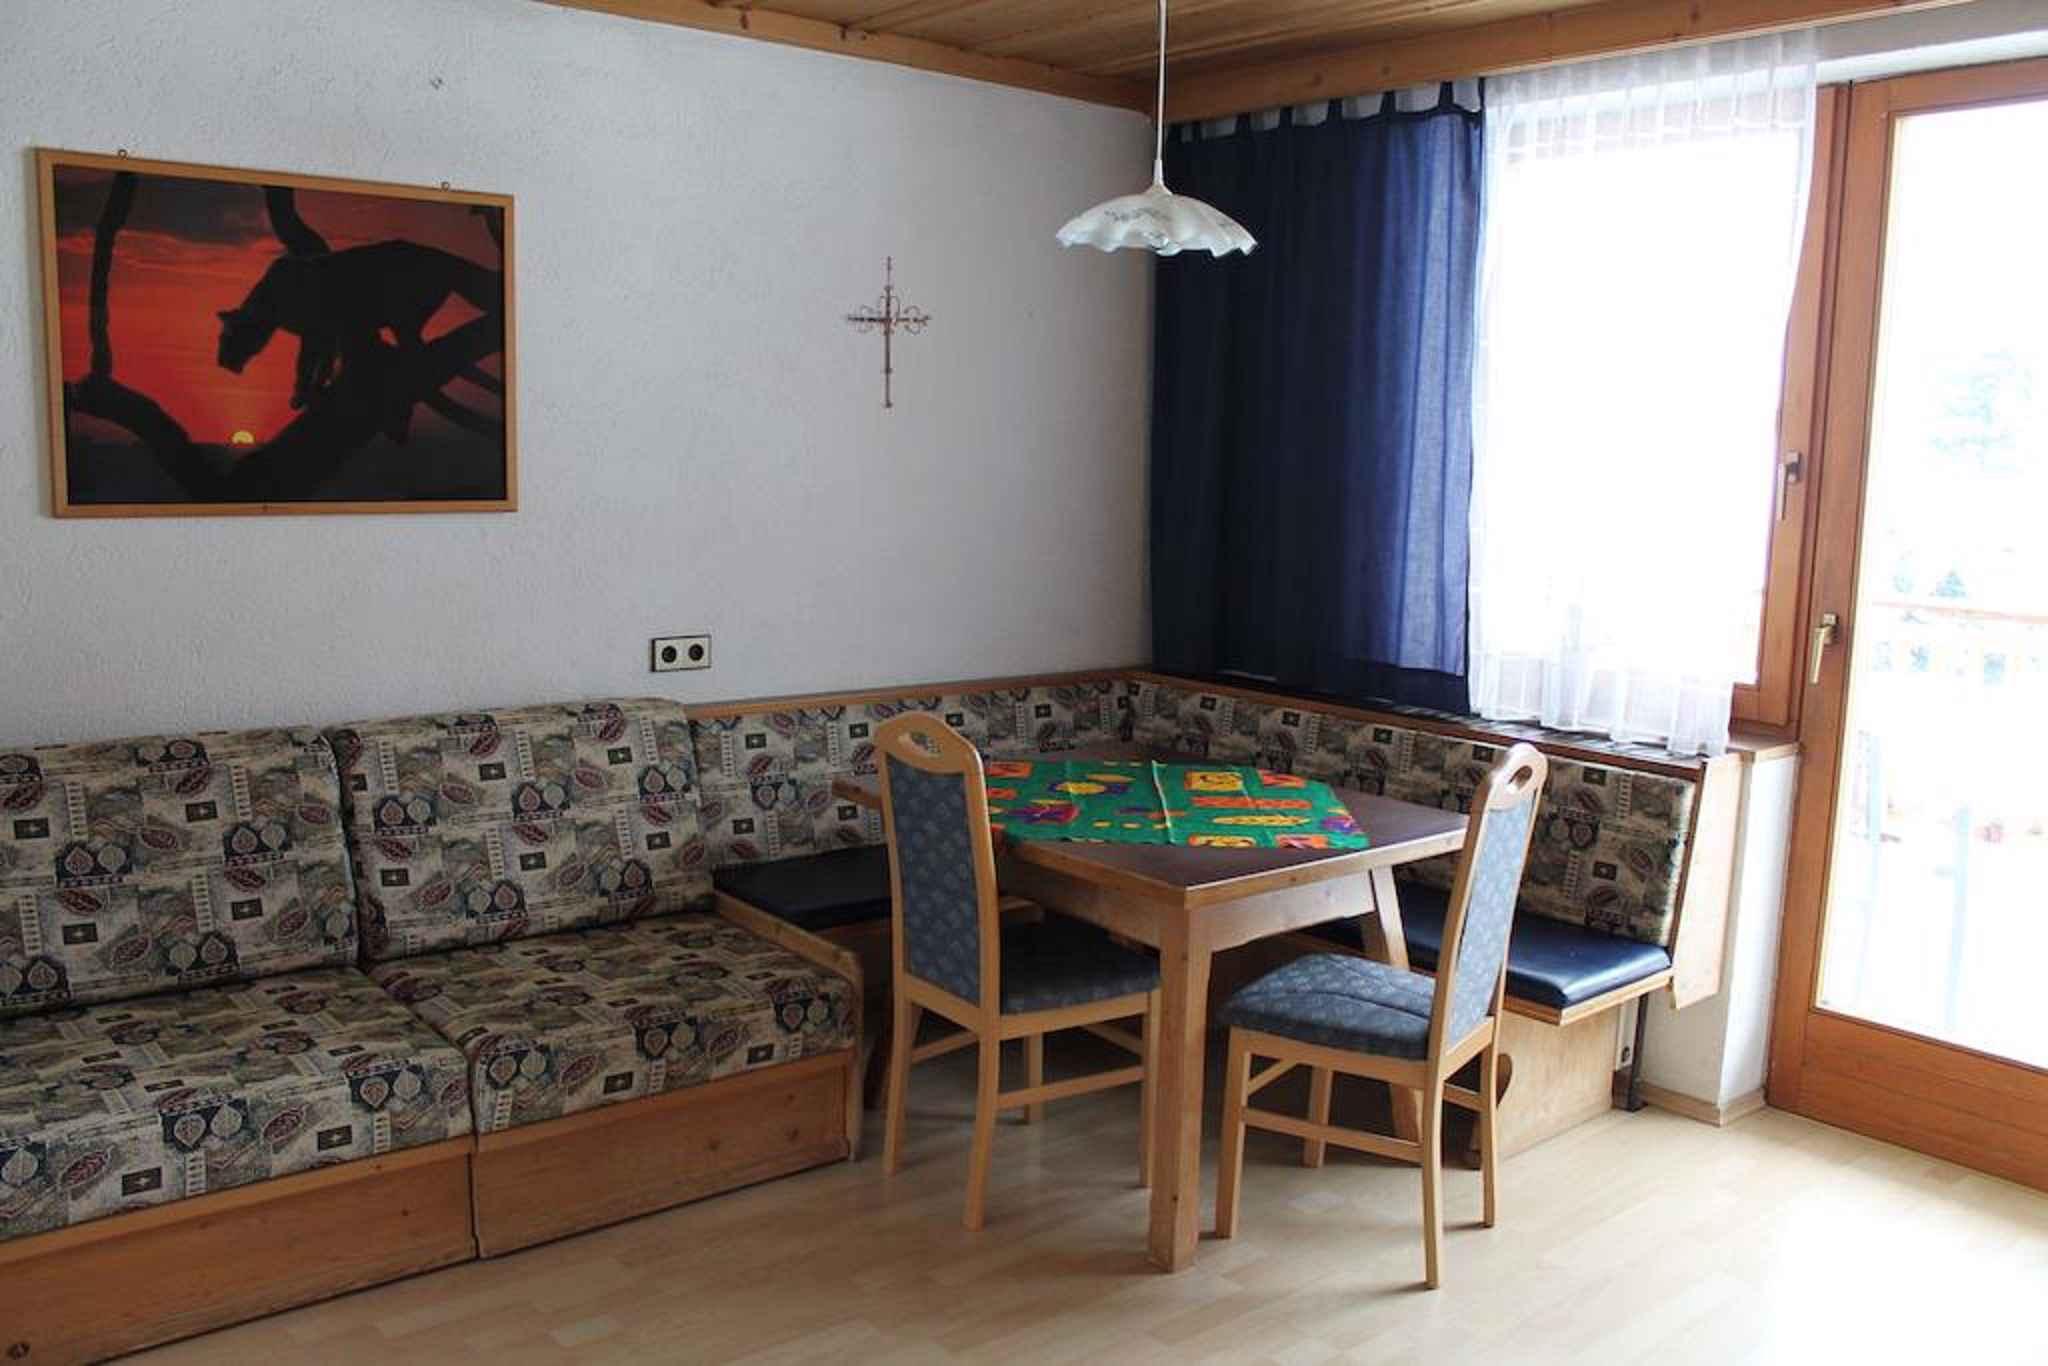 Ferienwohnung mit Südbalkon (918614), Innervillgraten, Osttirol, Tirol, Österreich, Bild 10